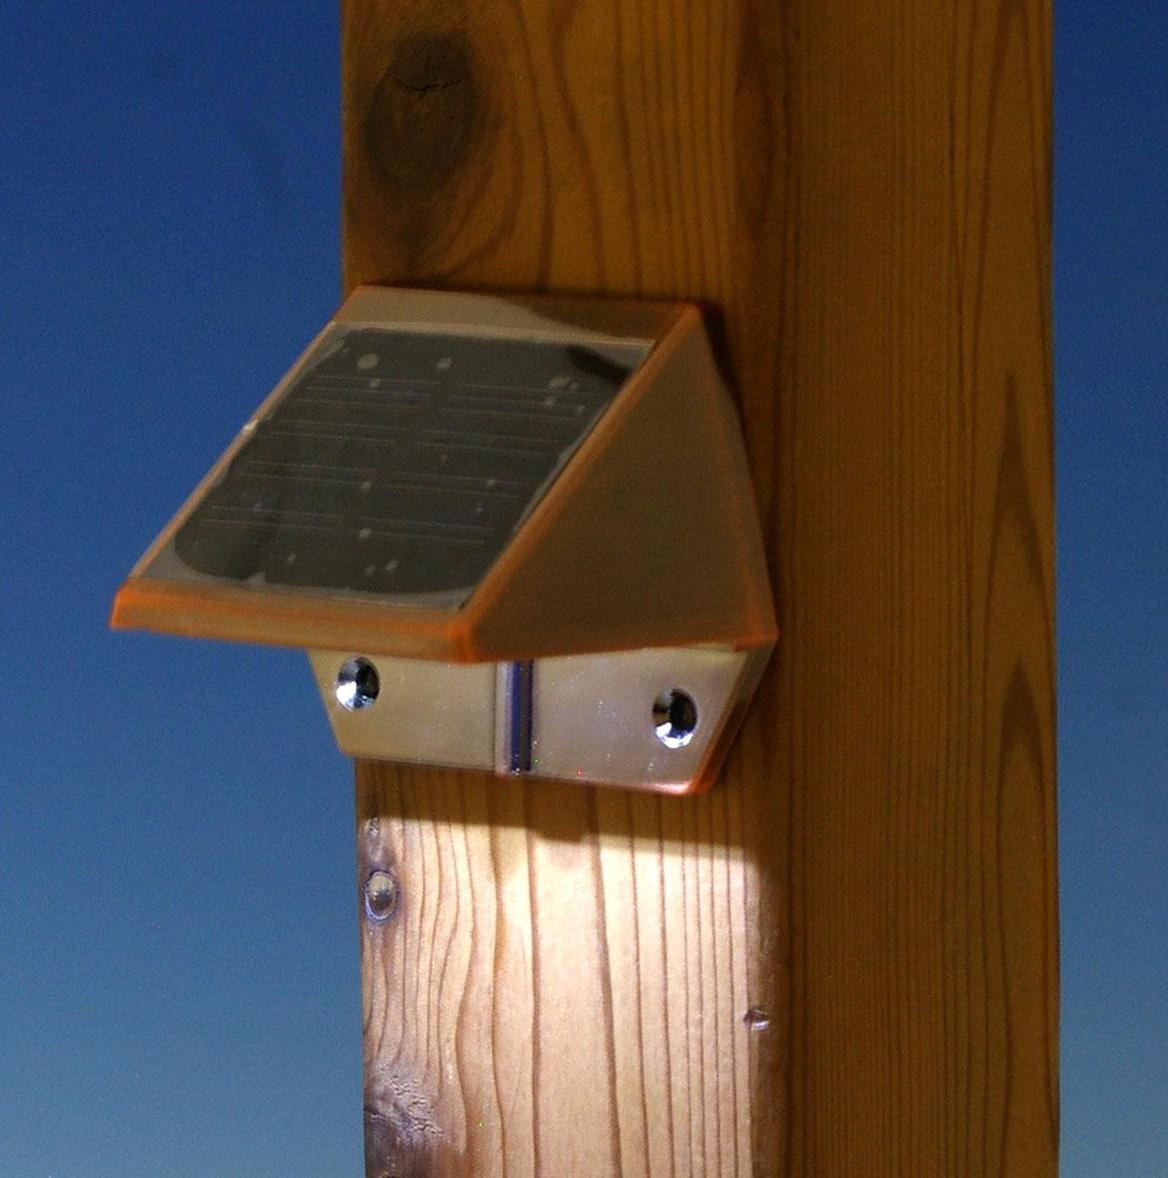 Home Depot Deck Lighting: Solar Deck Lighting Home Depot